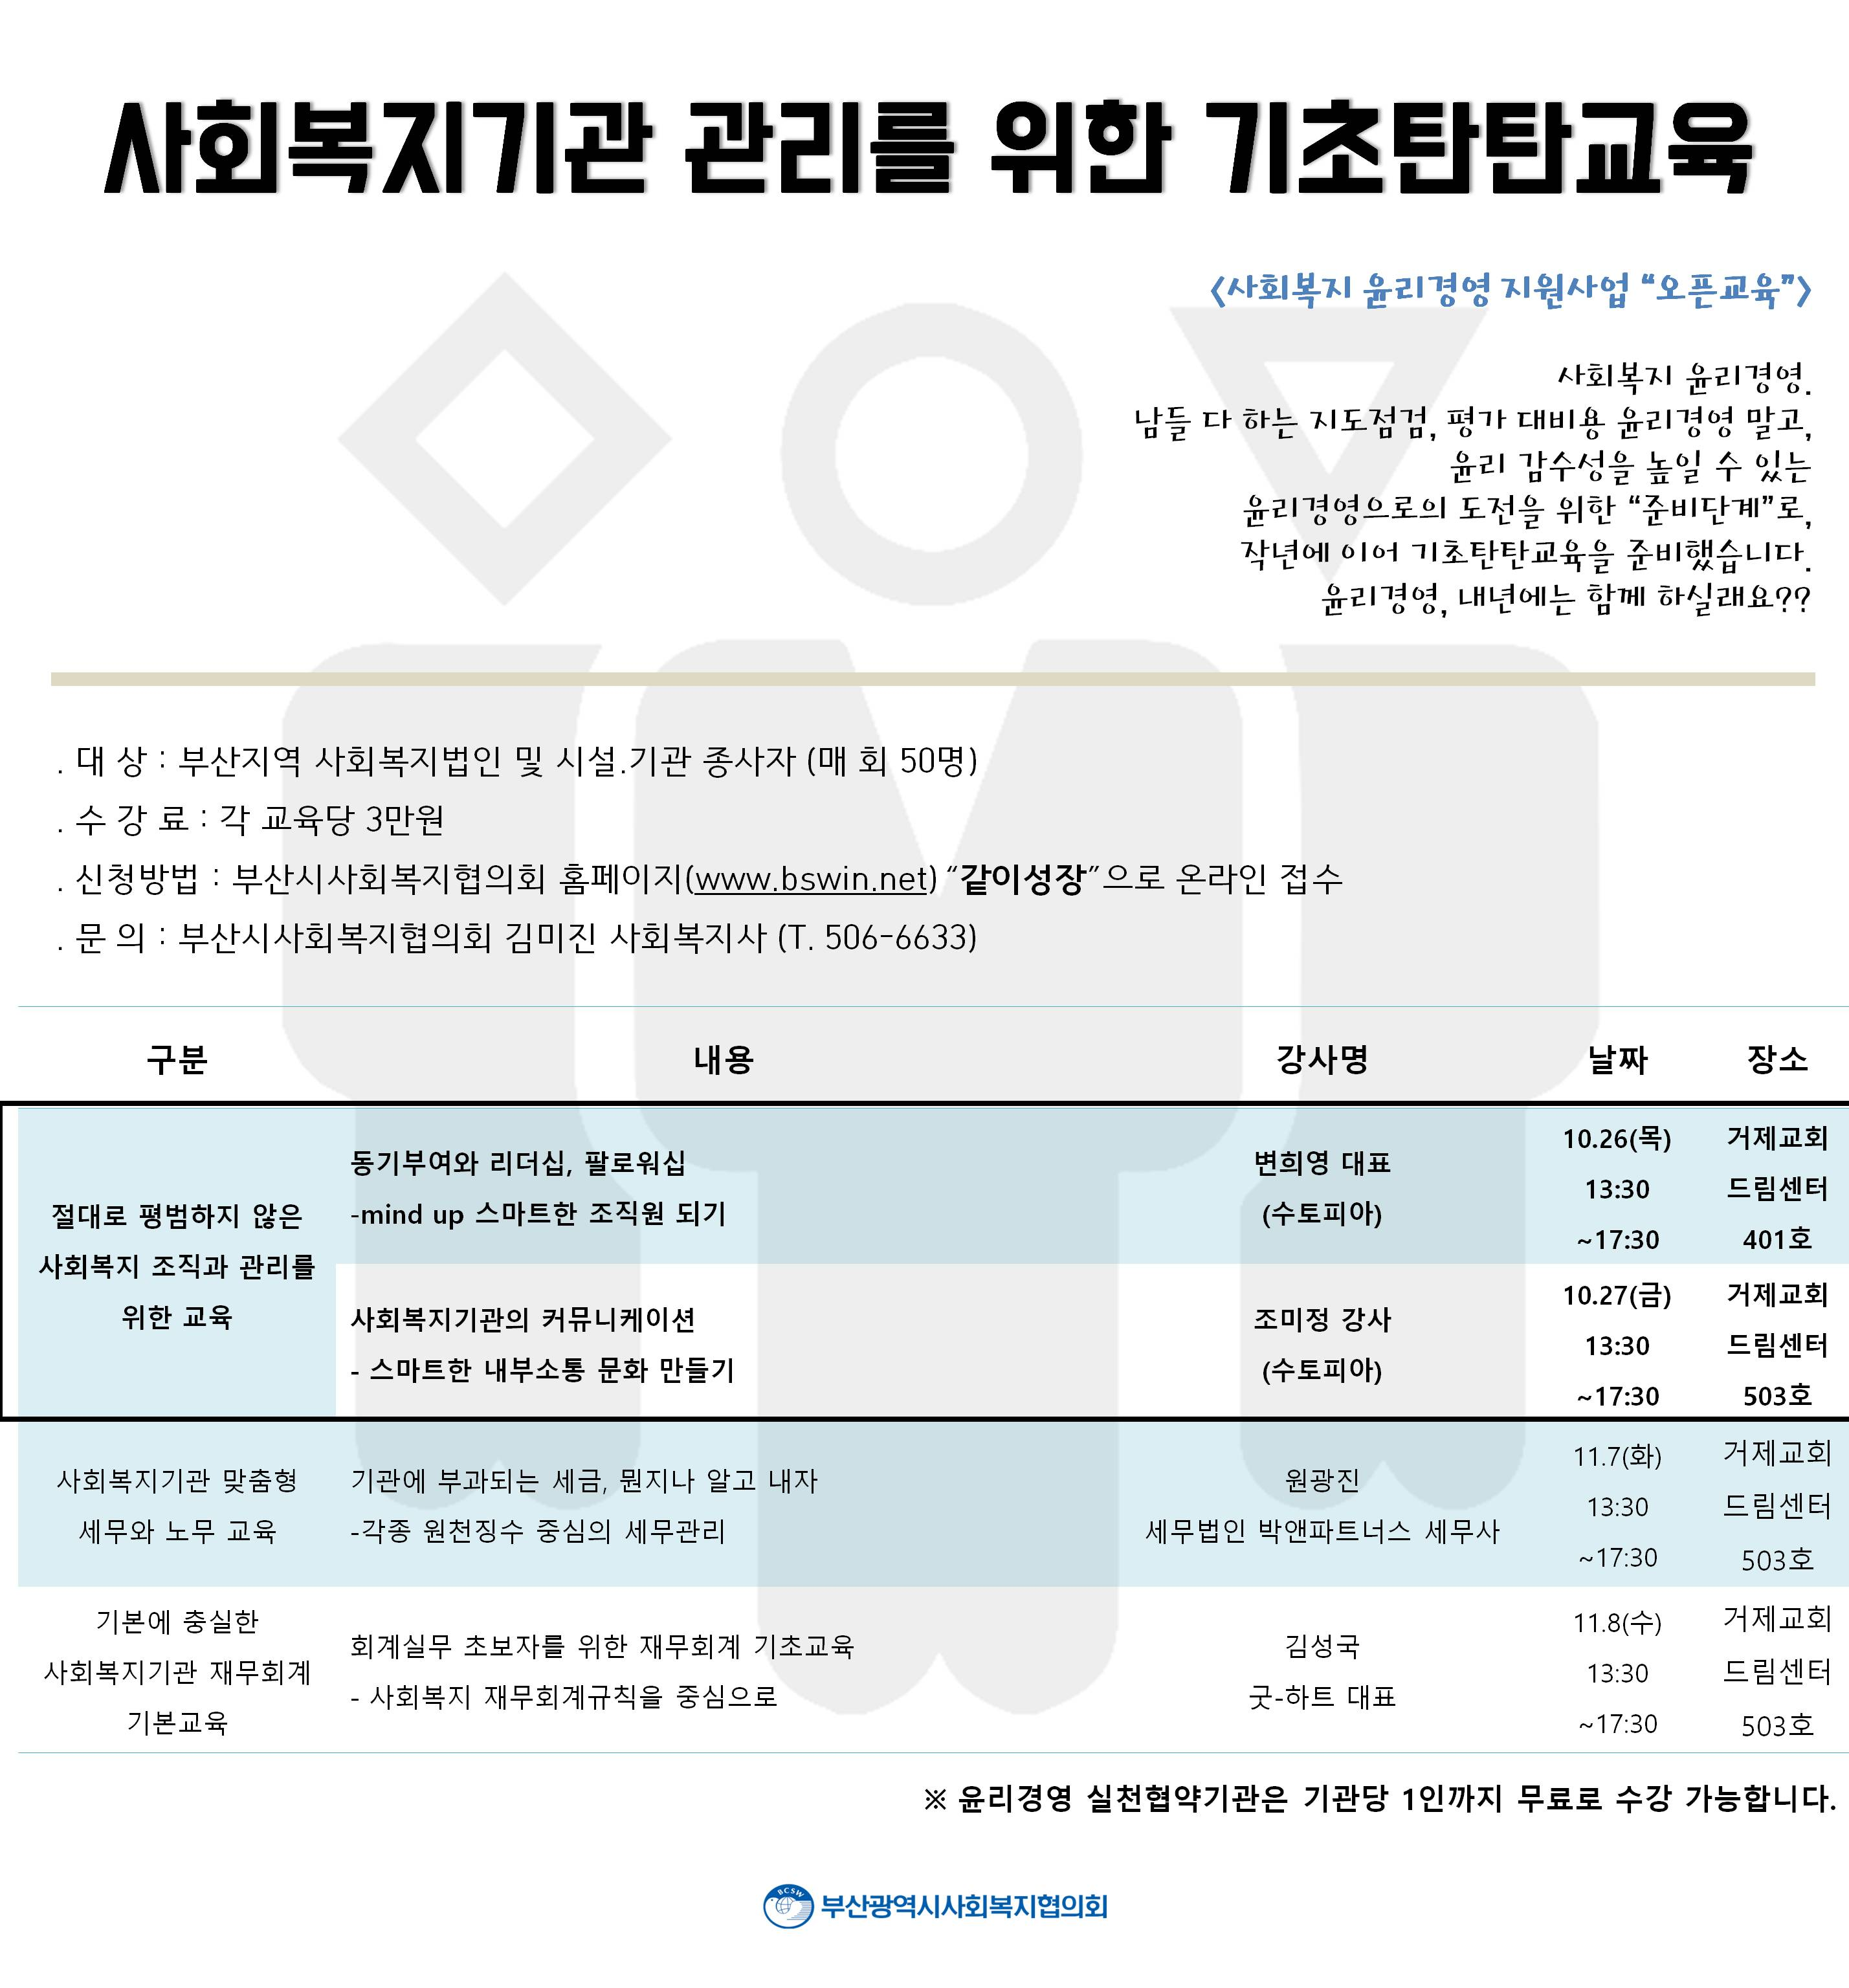 윤리경영웹포스터 2017- 이미지.jpg